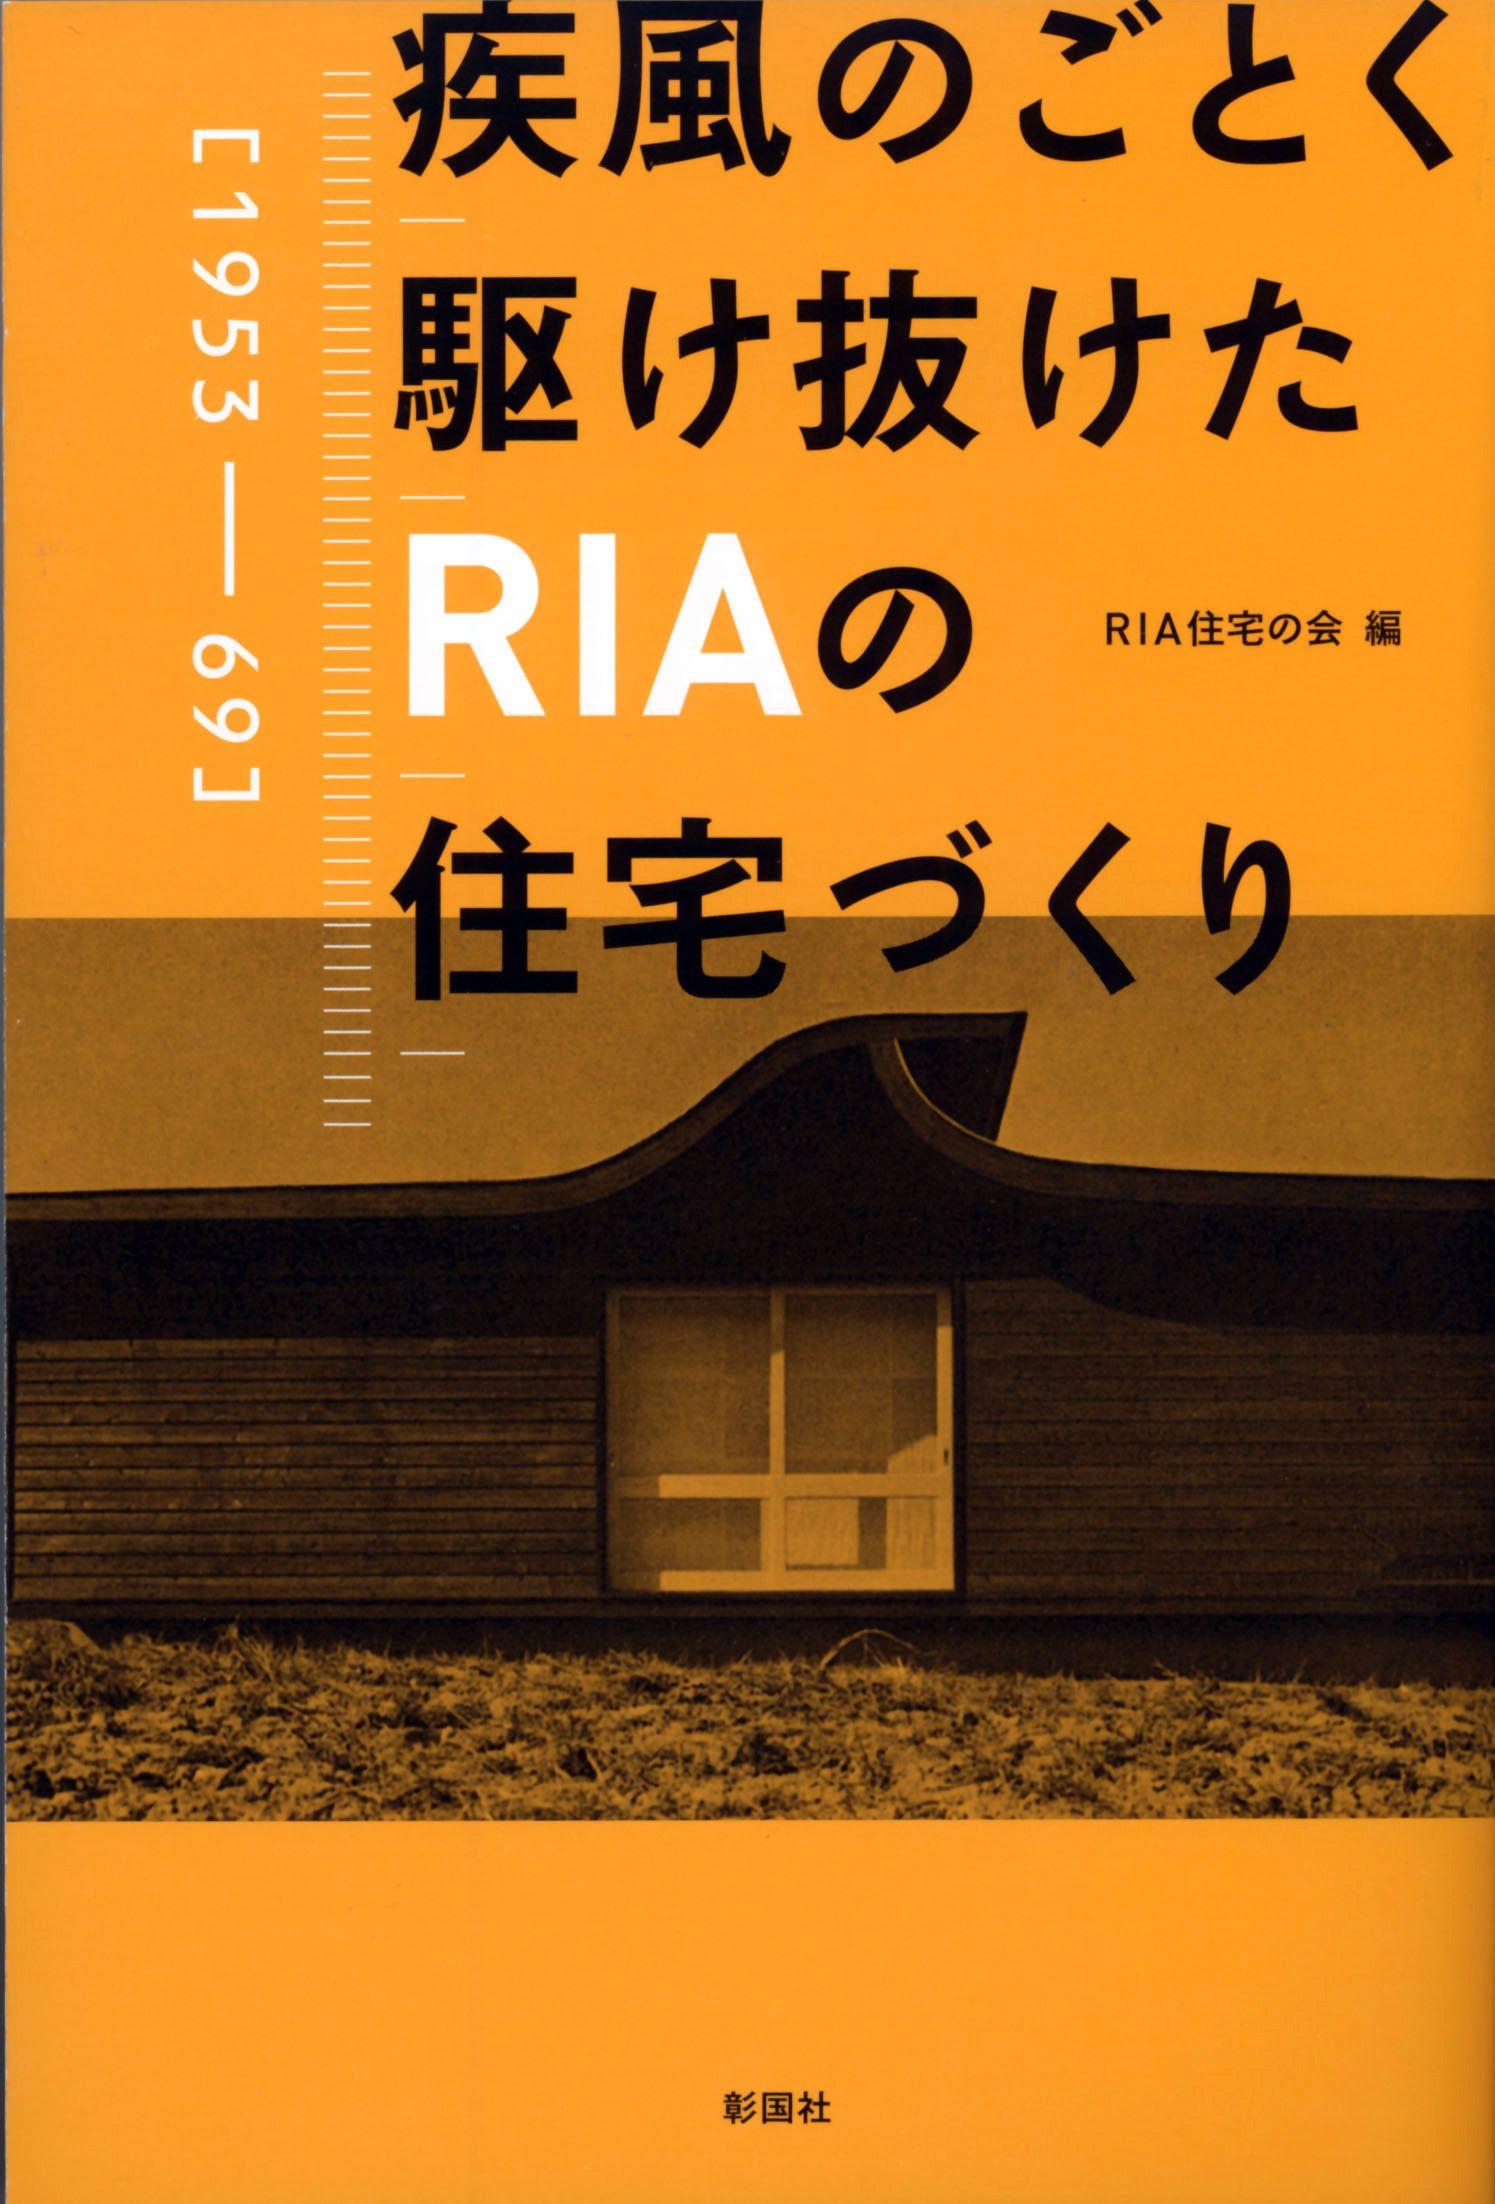 疾風のごとく駆け抜けたRIAの住宅づくり[1953-69]